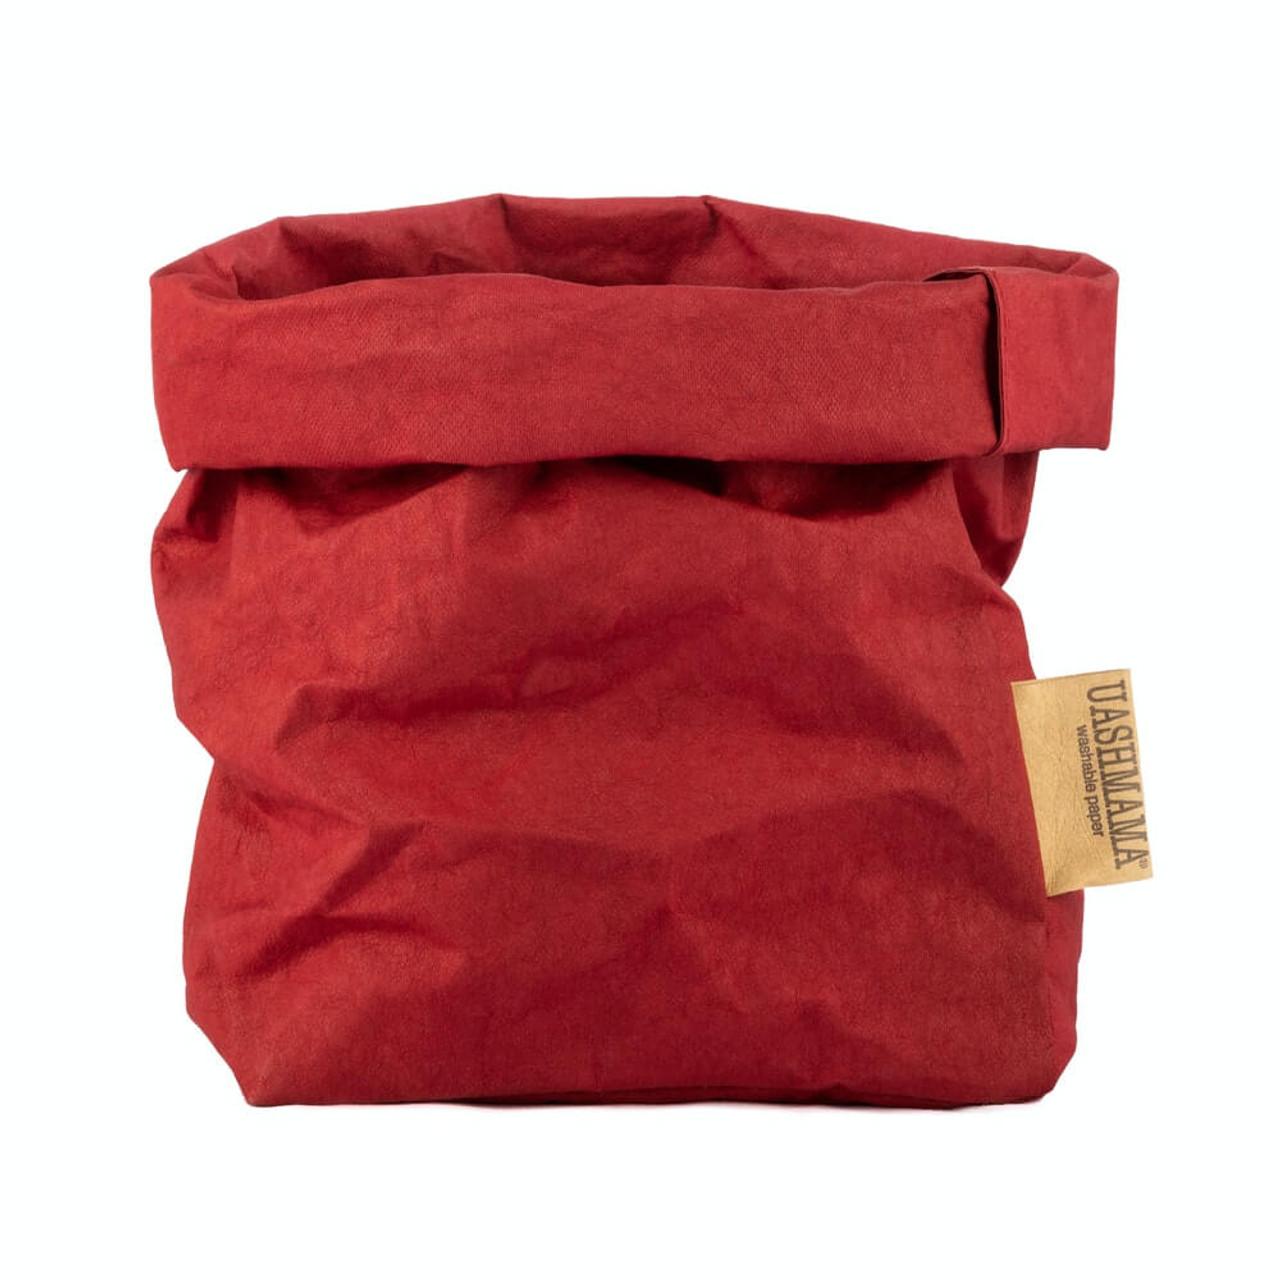 UASHMAMA medium organic paper bags palio